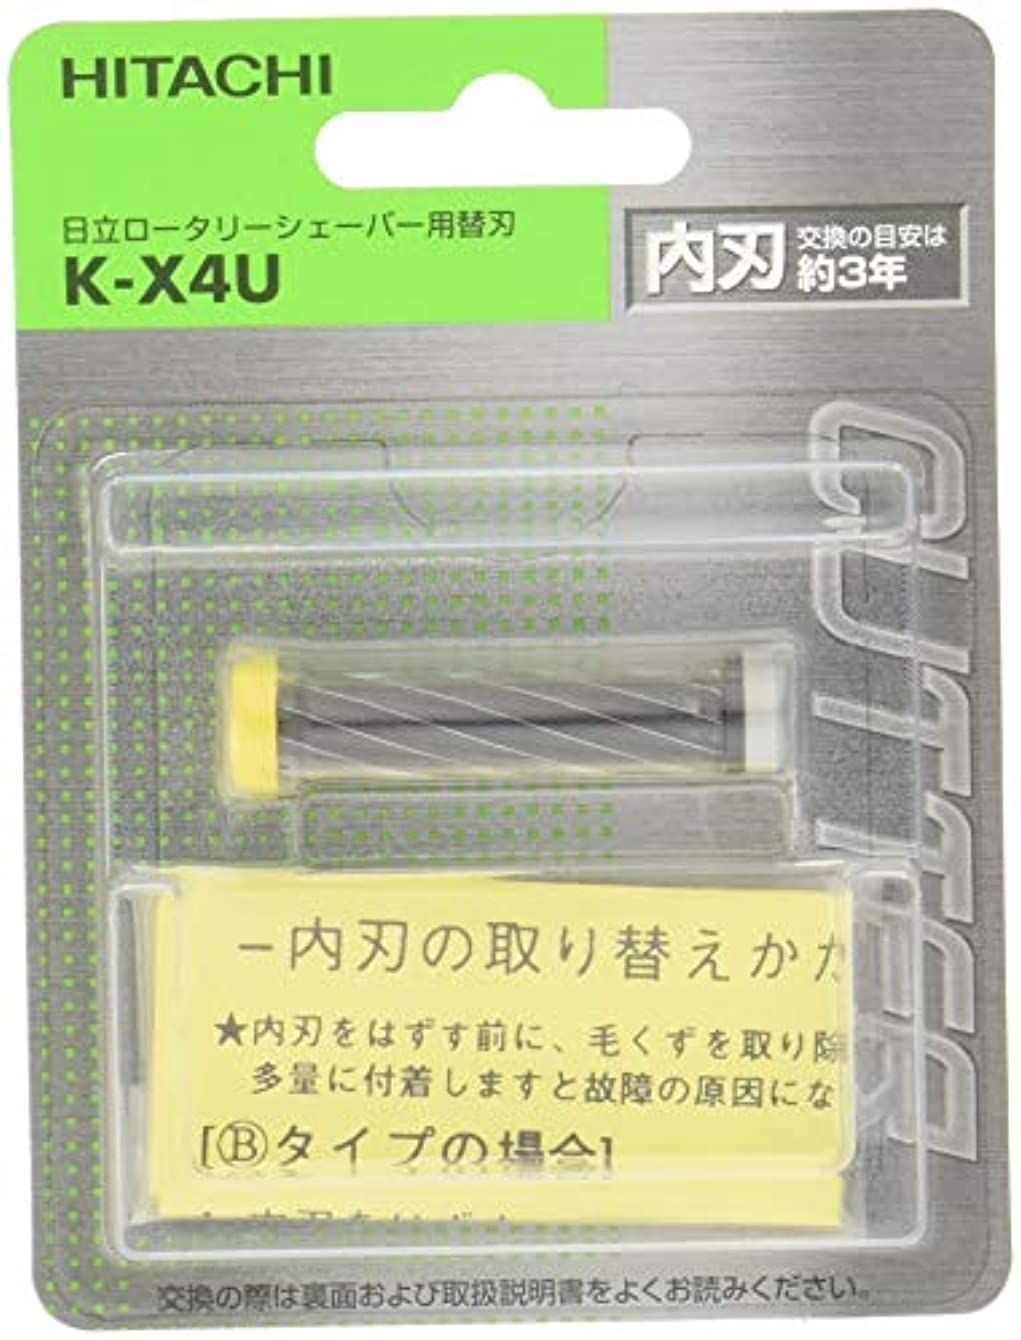 告白する定規高尚な日立 替刃 内刃 K-X4U